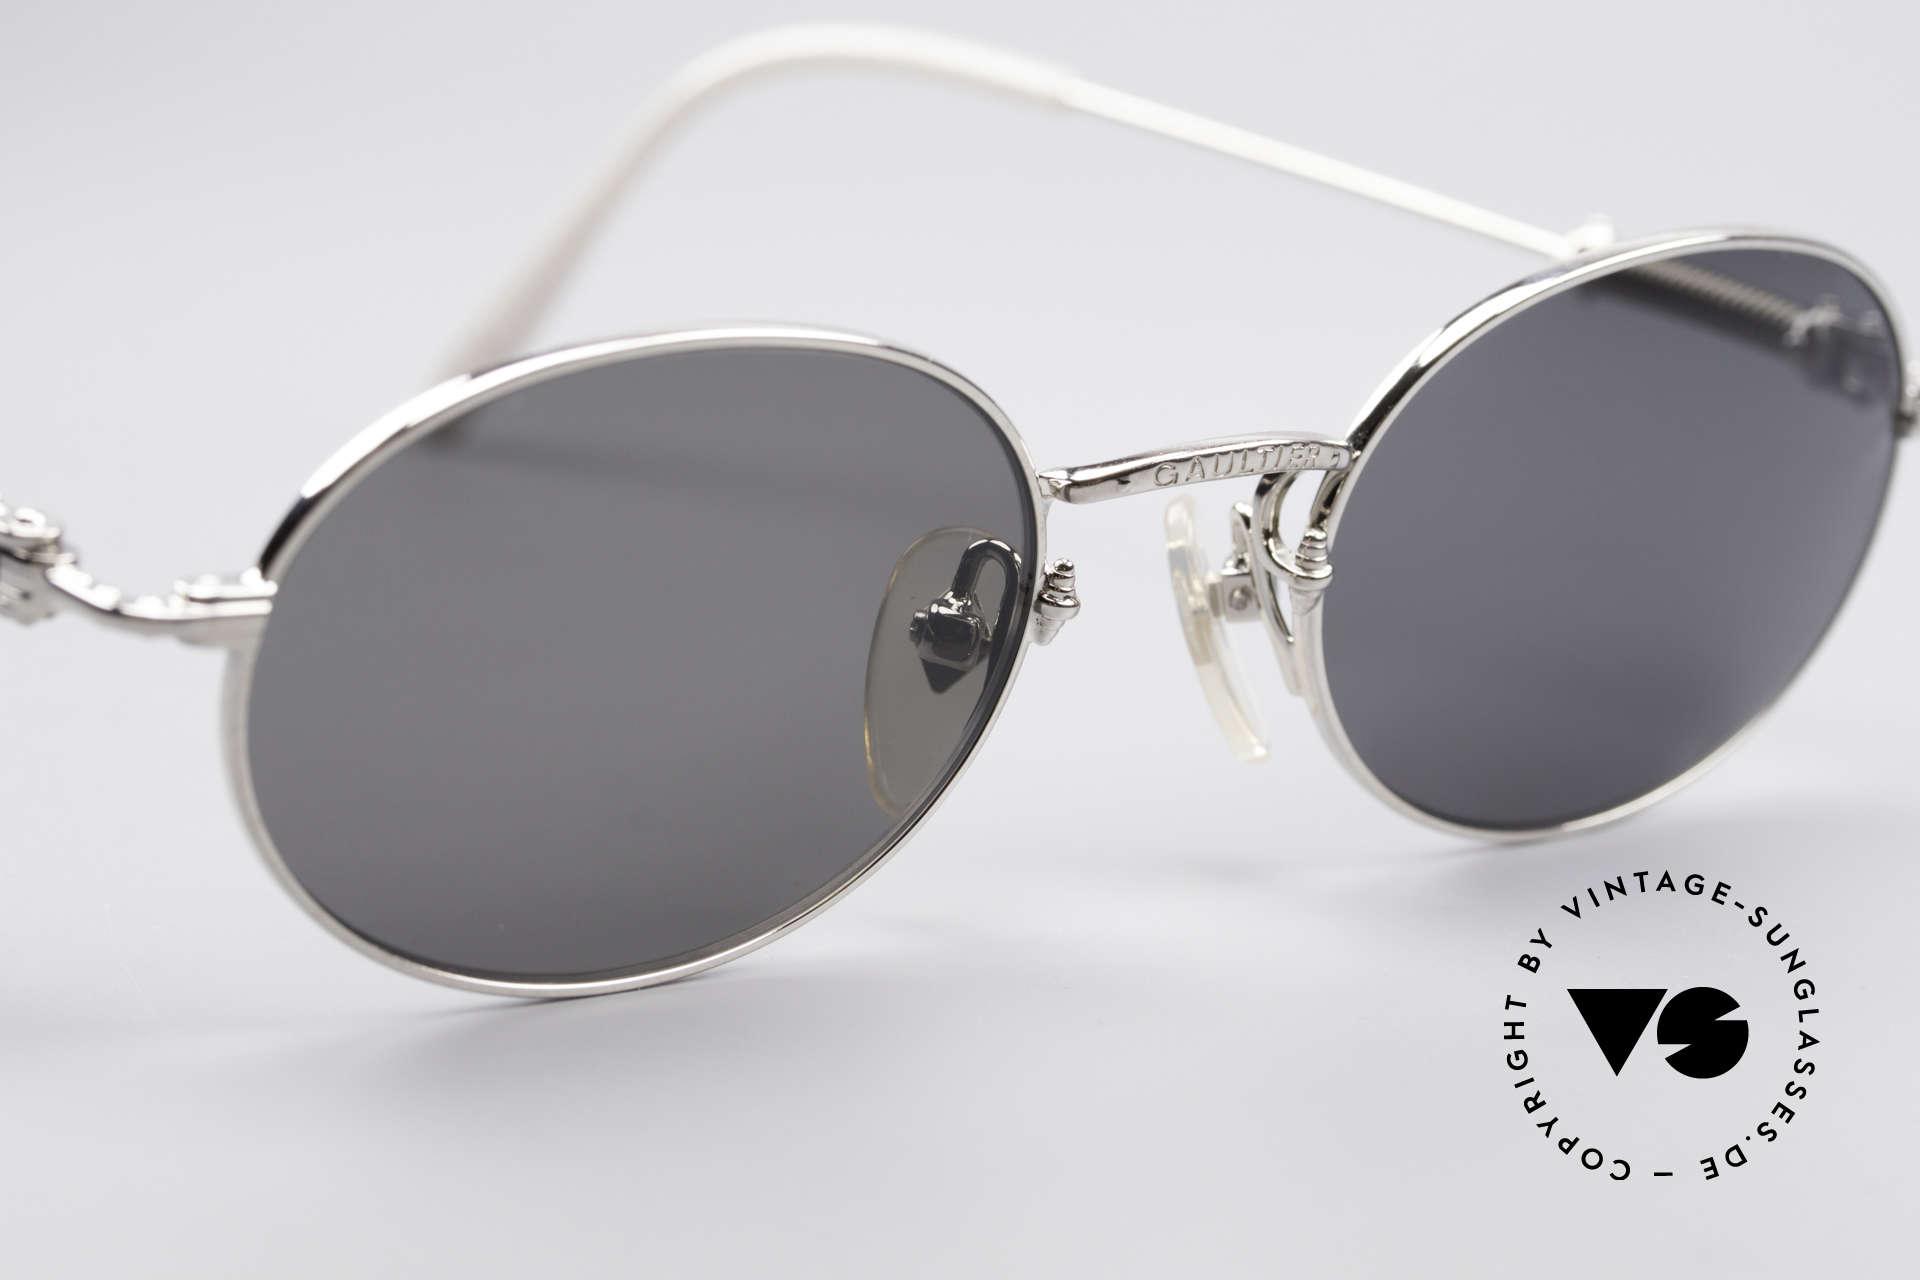 Jean Paul Gaultier 55-6101 Ovale Brille Polarisierend, ungetragen (wie all unsere vintage Designerbrillen), Passend für Herren und Damen